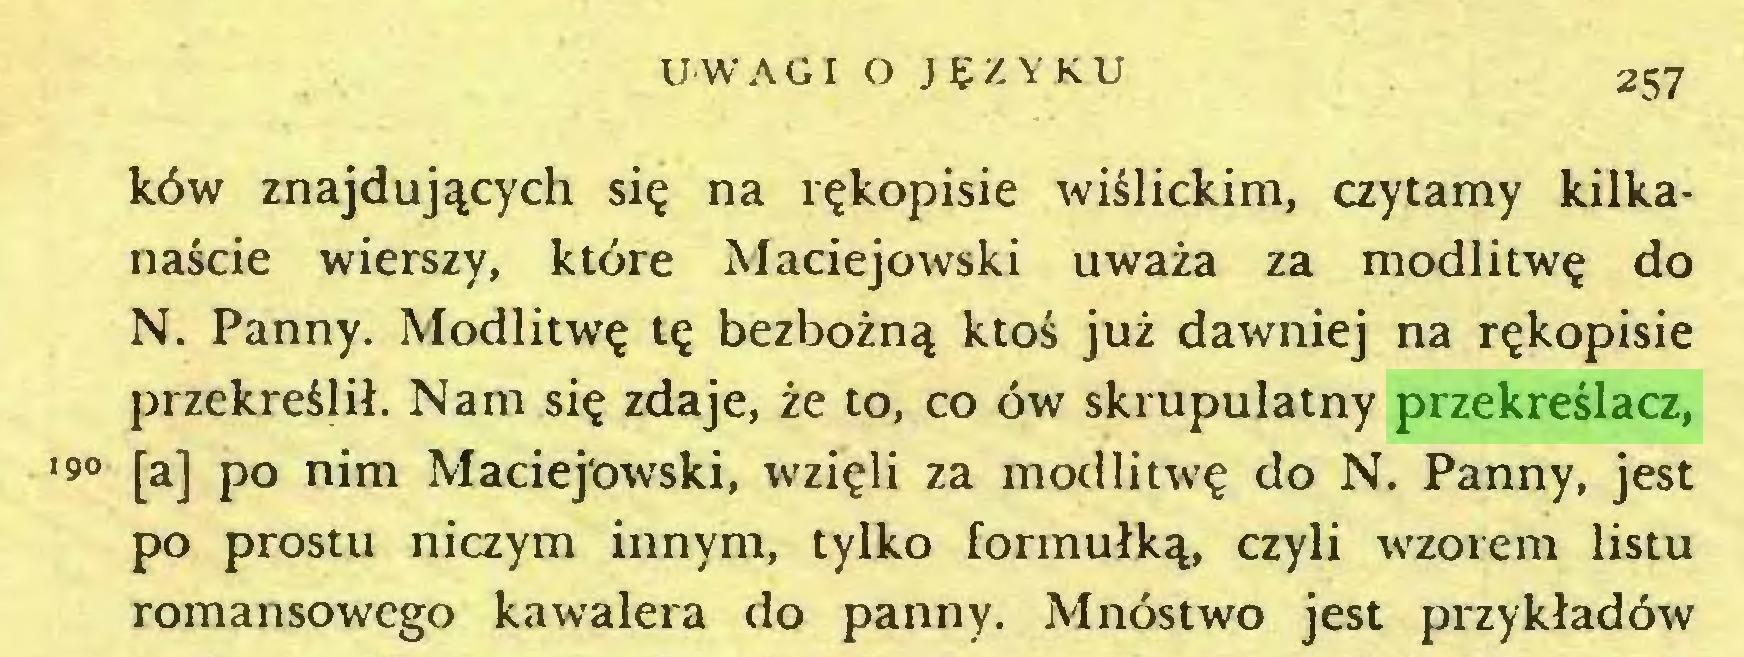 (...) UWAGI O J SZYKU 257 ków znajdujących się na rękopisie wiślickim, czytamy kilkanaście wierszy, które Maciejowski uważa za modlitwę do N. Panny. Modlitwę tę bezbożną ktoś już dawniej na rękopisie przekreślił. Nam się zdaje, że to, co ów skrupulatny przekreślacz, •9° [a] po nim Maciejowski, wzięli za modlitwę do N. Panny, jest po prostu niczym innym, tylko formułką, czyli wzorem listu romansowego kawalera do panny. Mnóstwo jest przykładów...